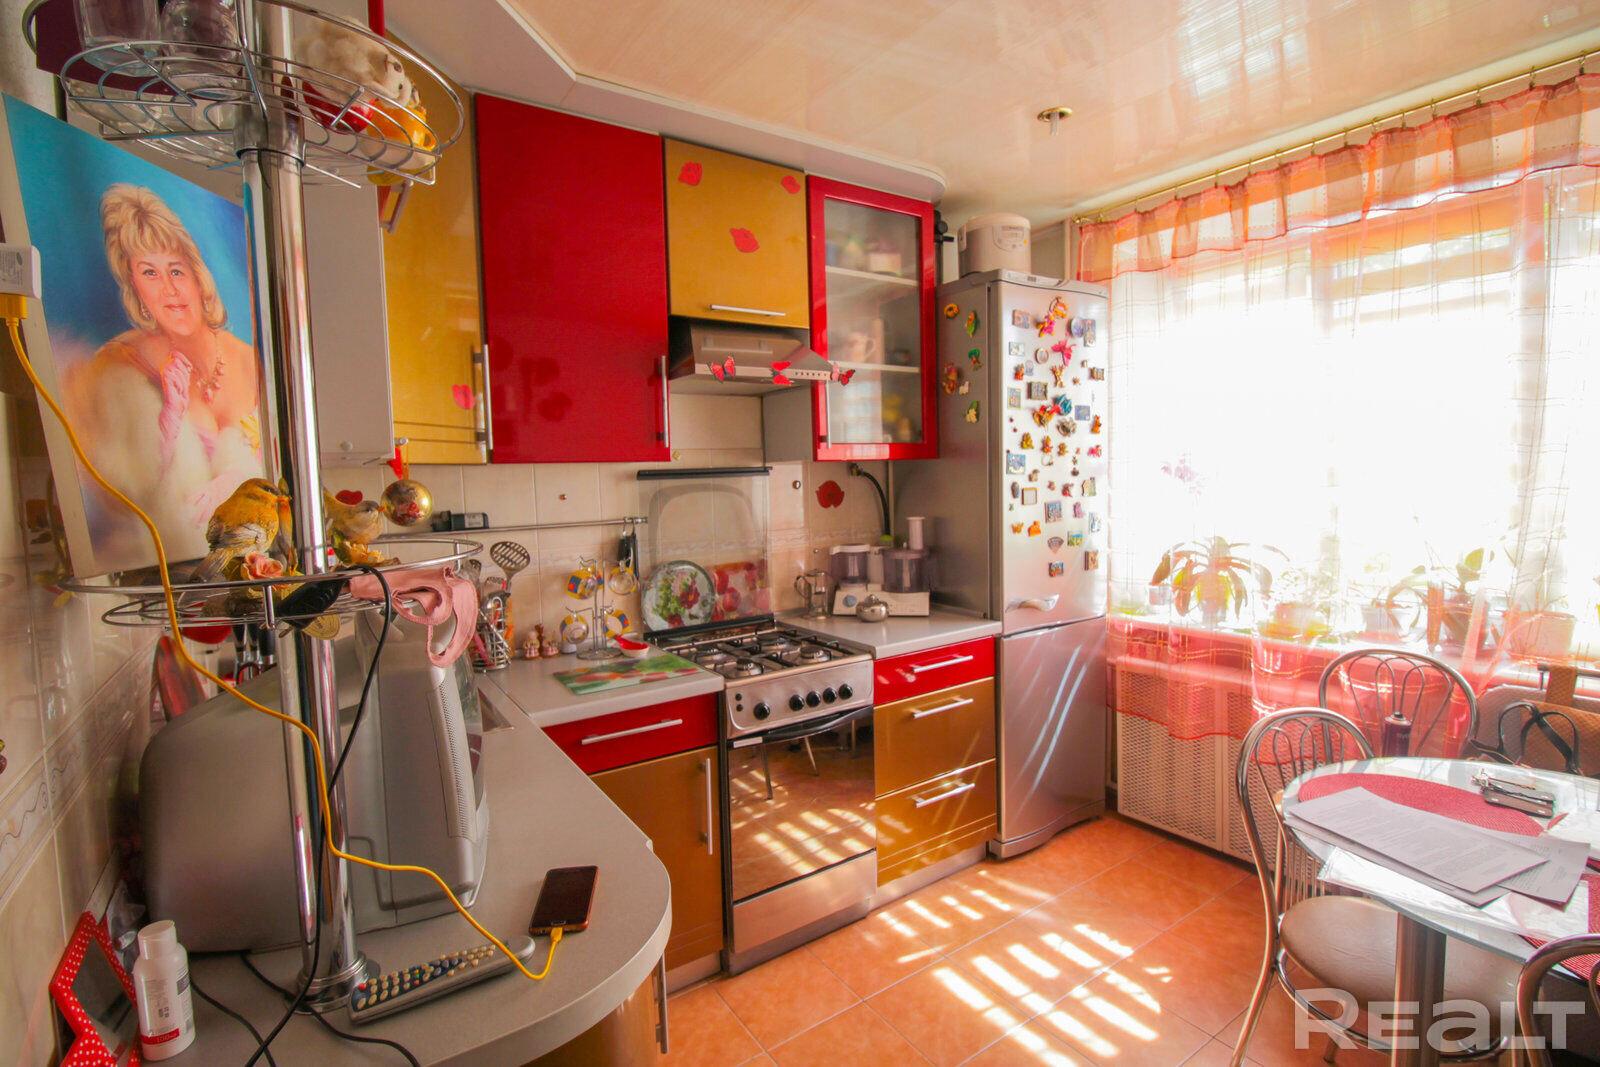 Продажа 2-х комнатной квартиры, г. Минск, ул. Ольшевского, дом 32 (р-н Масюковщина). Цена 163 495 руб